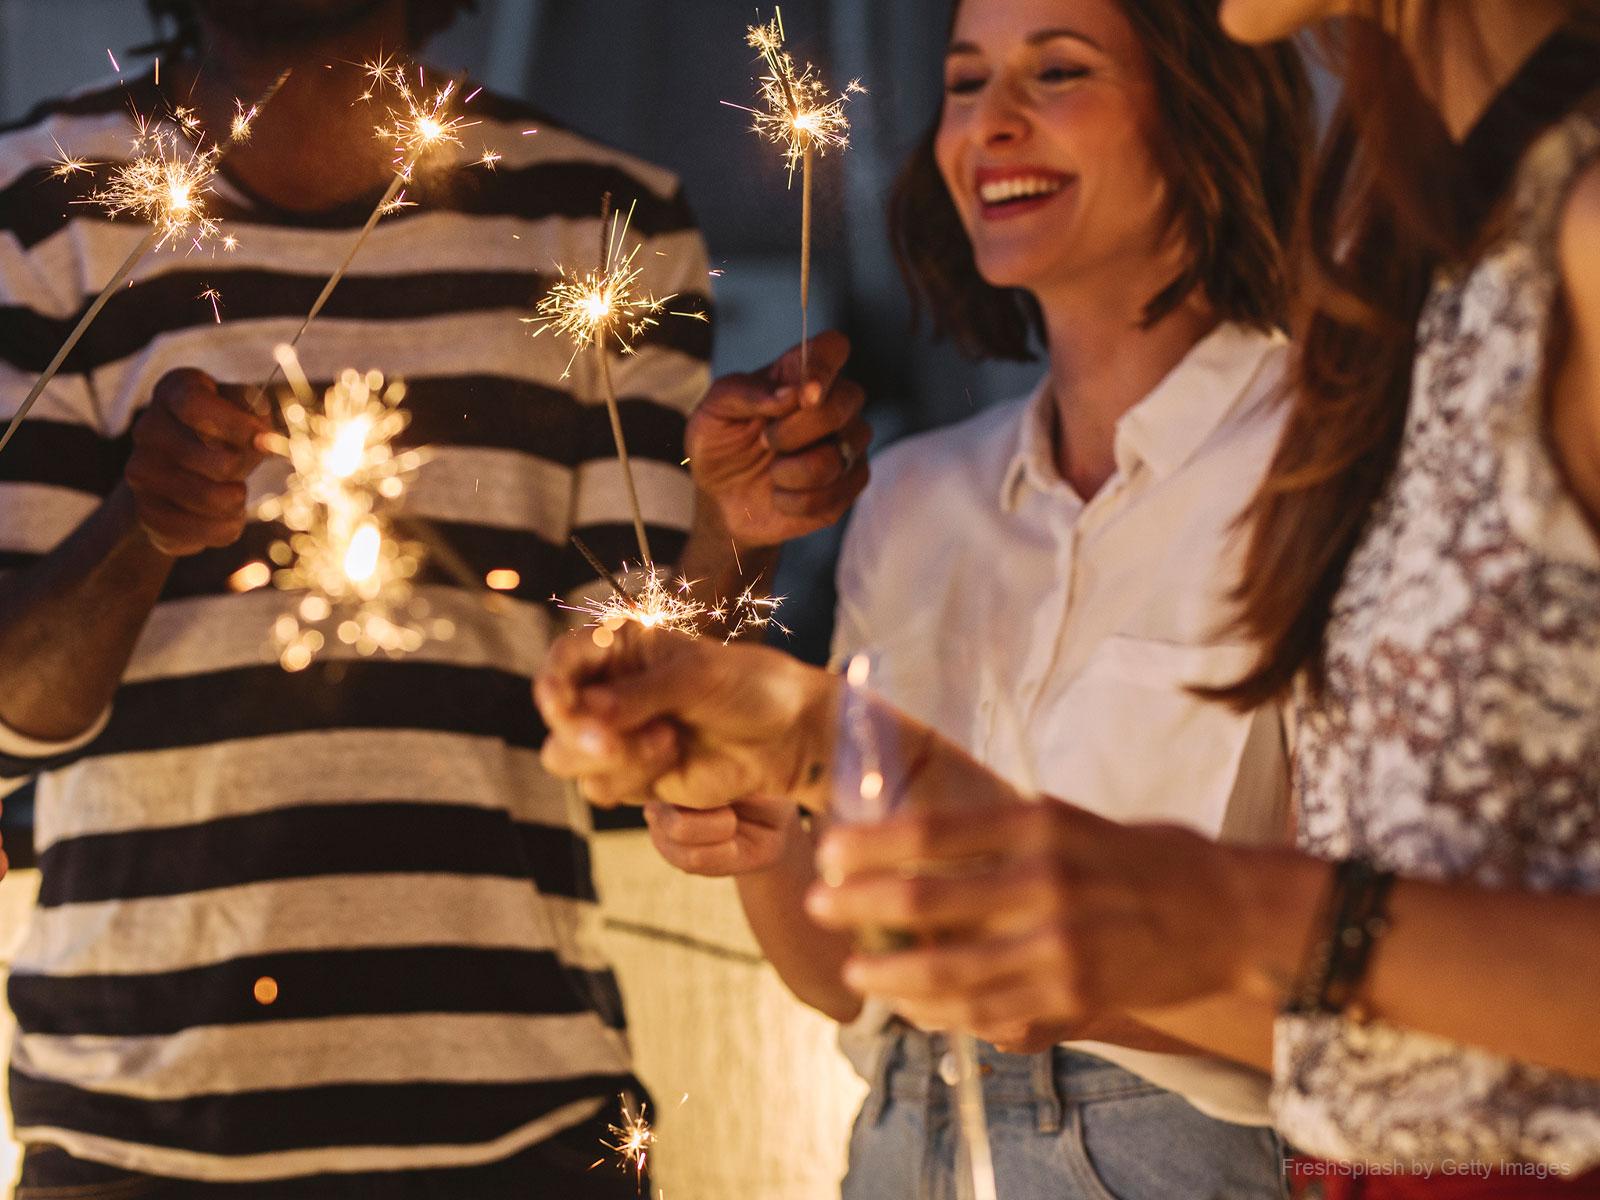 1600x1200-Depois-do-Natal-e-das-festas,-o-que-fazer-com-o-ano-que-se-inicia